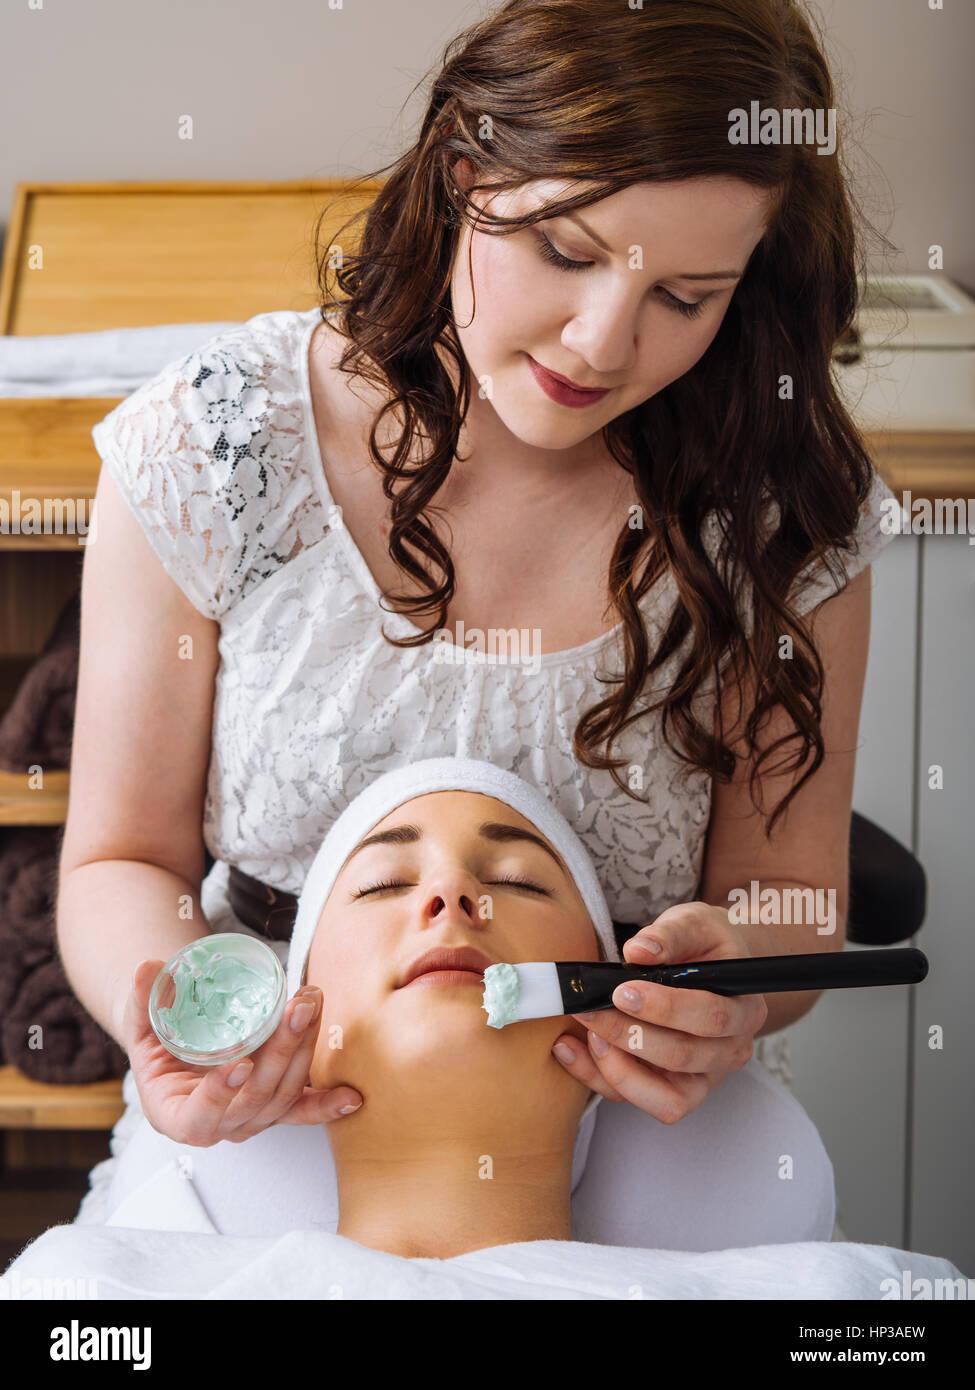 Foto di una giovane donna di ottenere un trattamento del viso in un salone. Immagini Stock